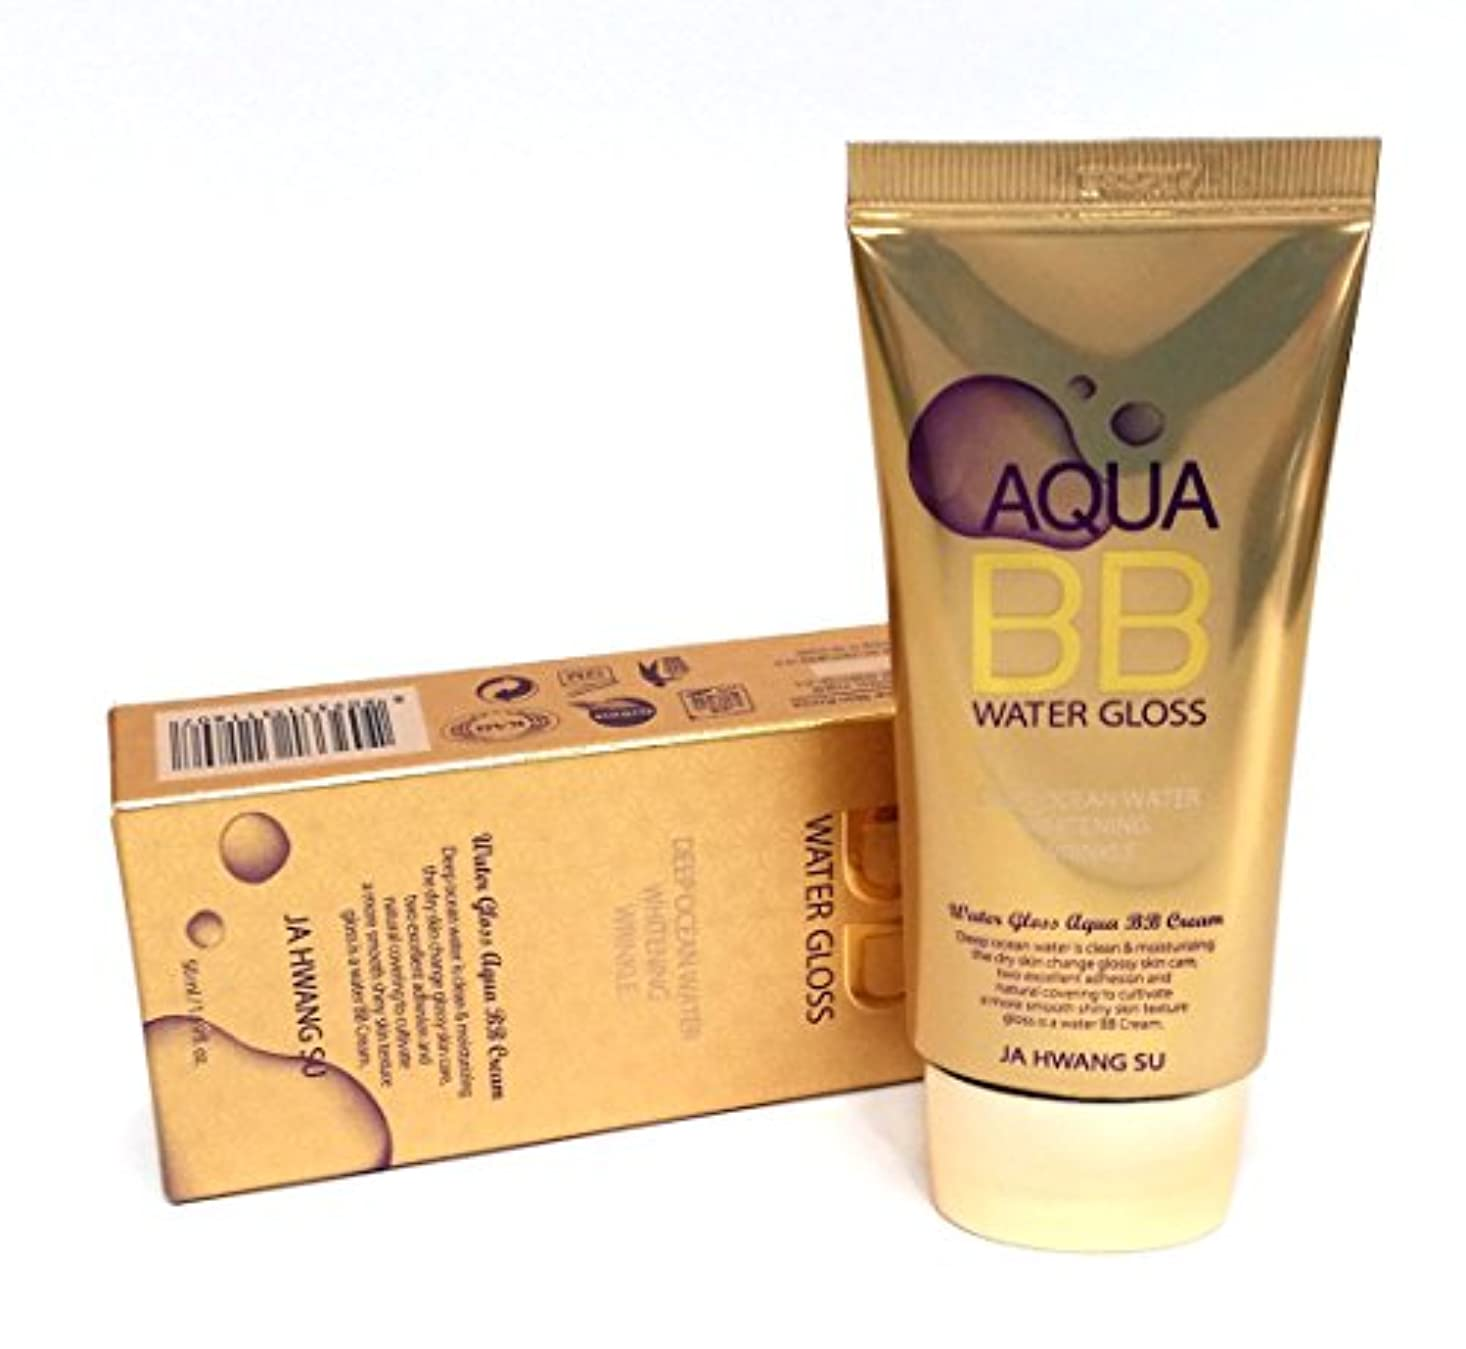 ダイジェスト下着歌う[Ja Hwang Su] アクアウォーターグロスBBクリーム50ml / Aqua Water Gloss BB Cream 50ml / 美白、しわ / whitening, wrinkle / 韓国化粧品 / Korean...